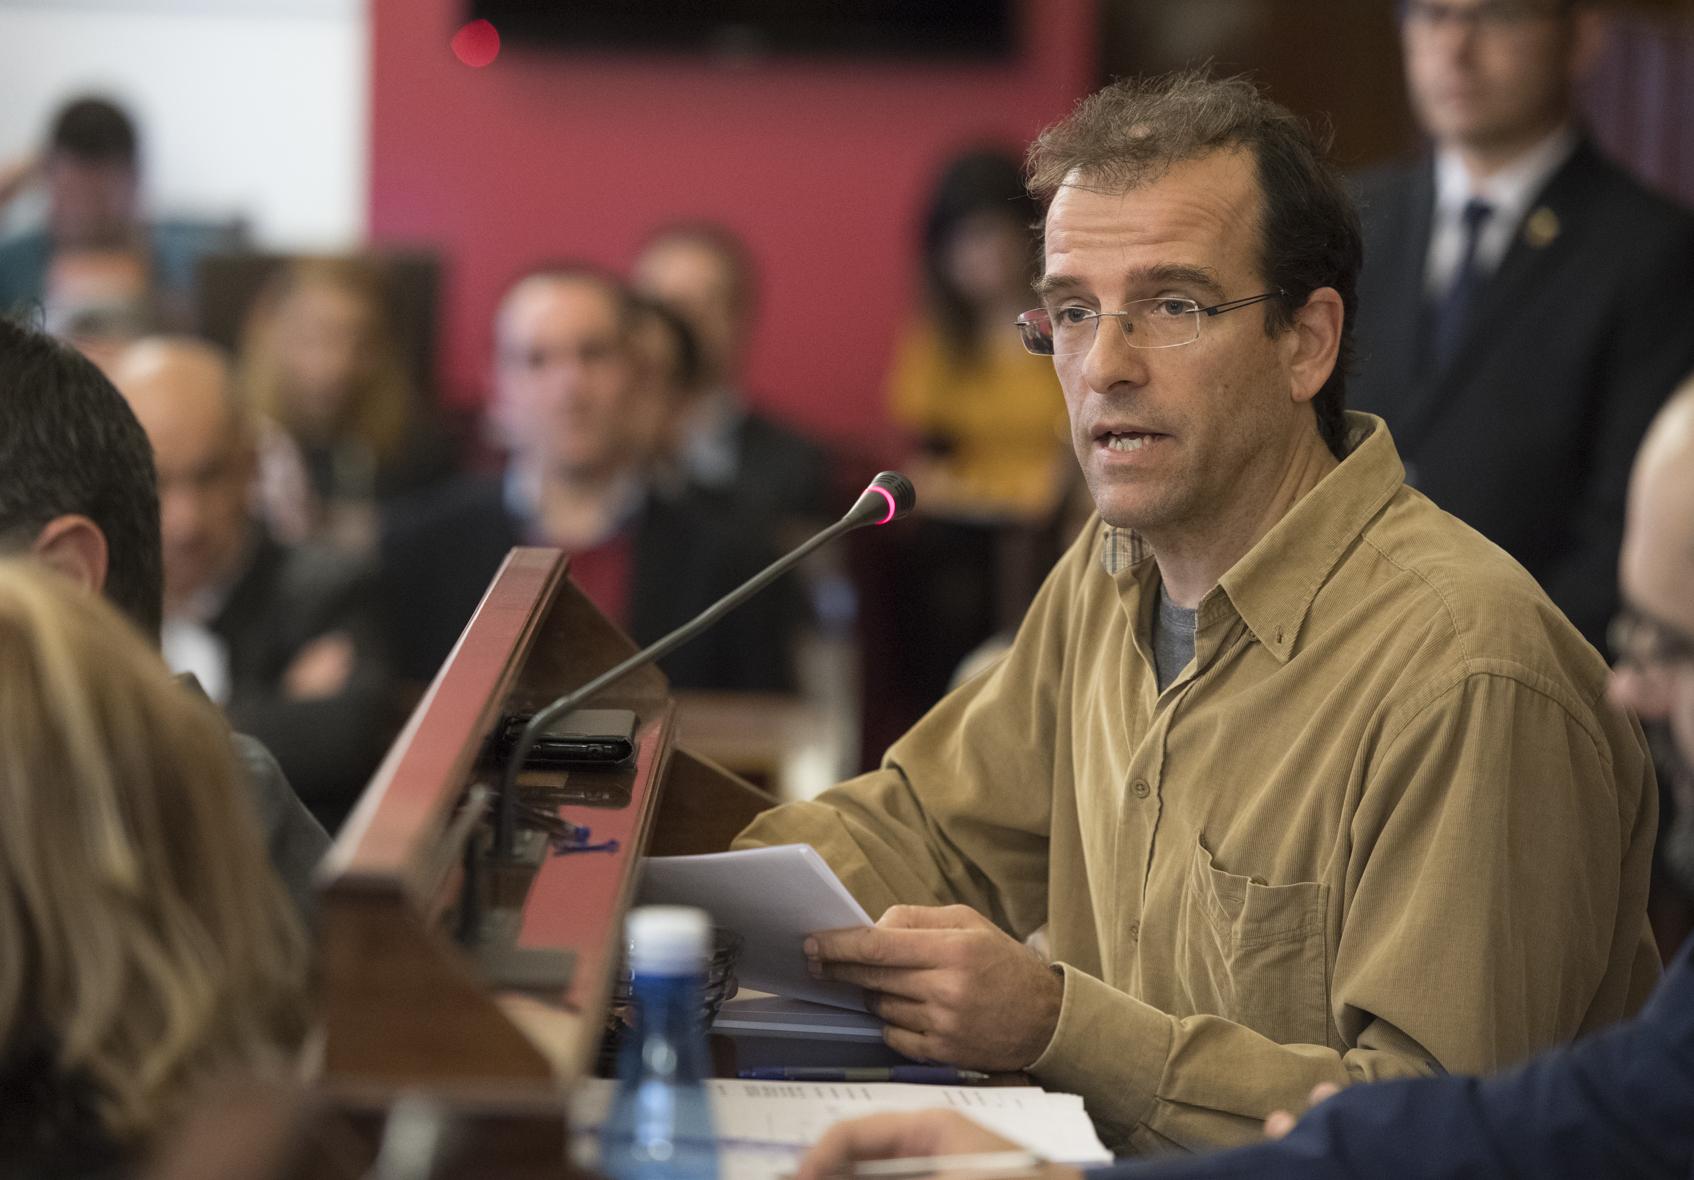 Demanem A Diputació Implicació En La Renovació De Les Línies De Busos: «Preferien Gastar-se Milions En L'Aeroport»